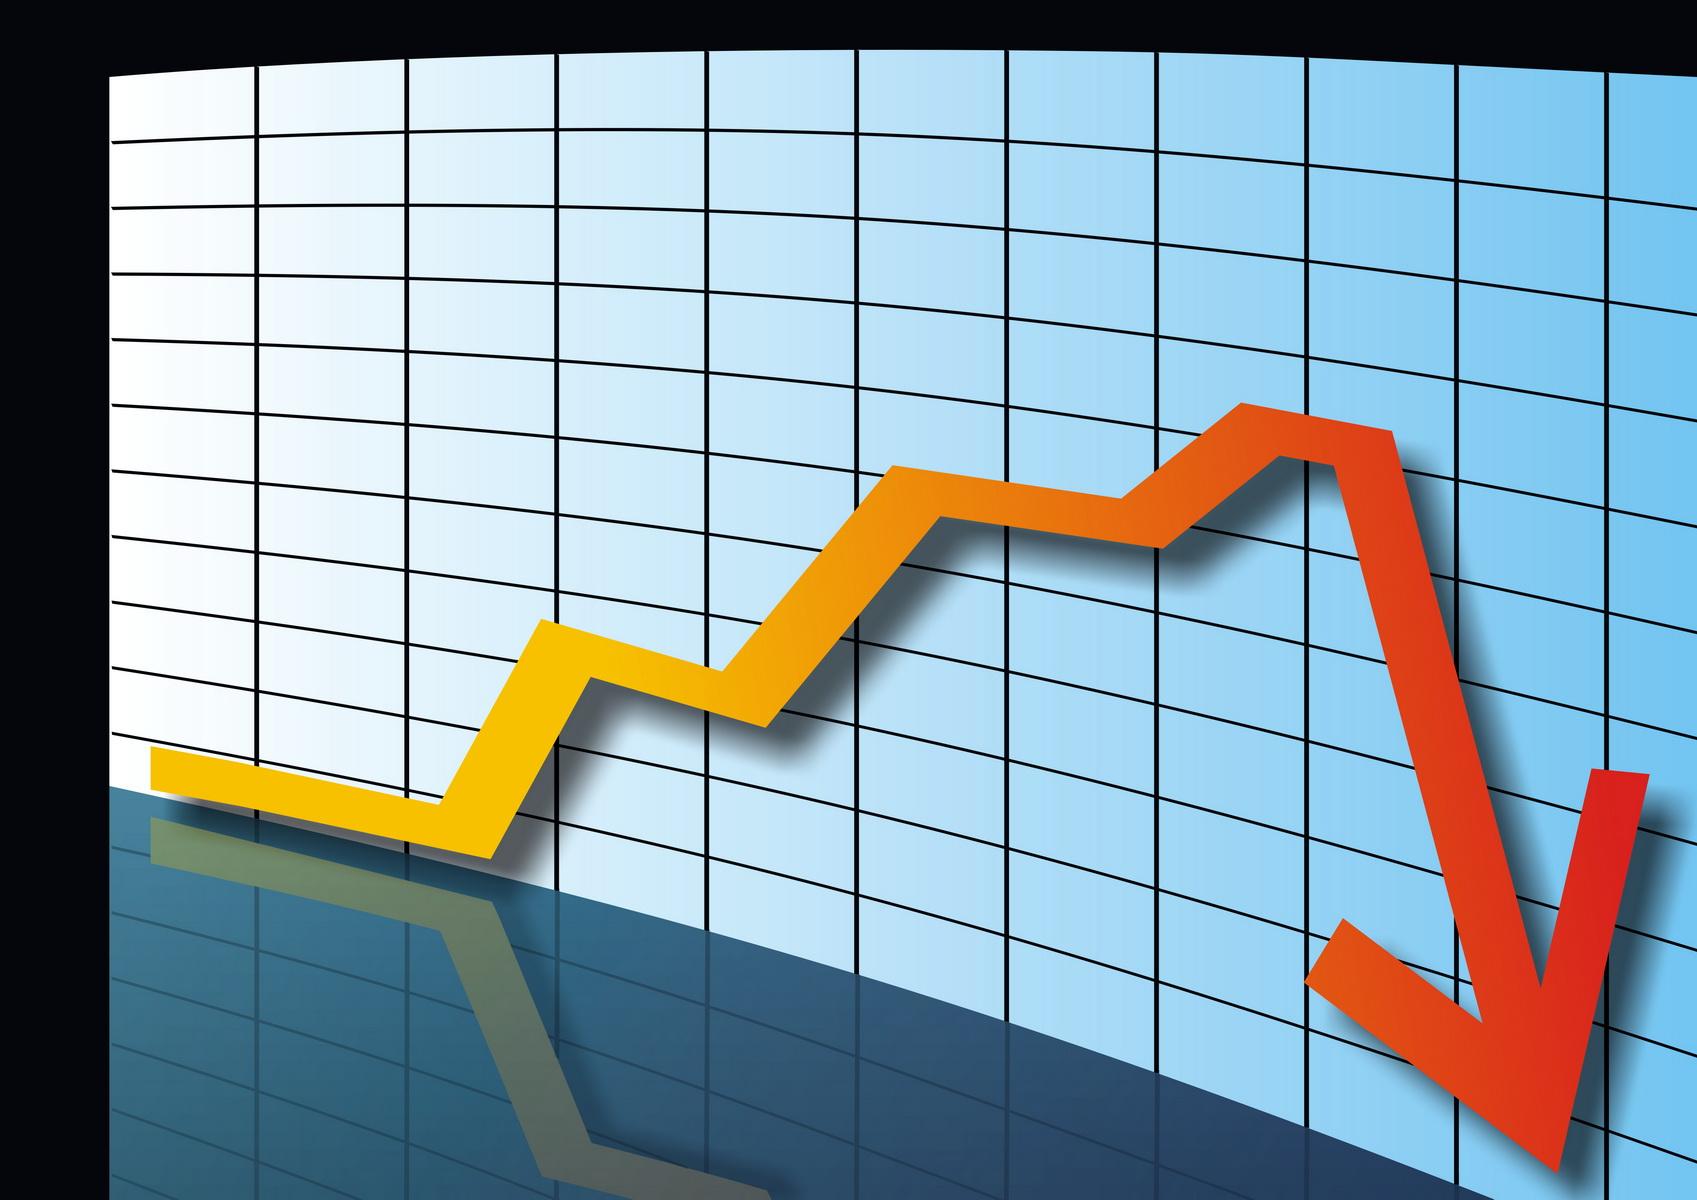 ¿Crisis financiera y moral?